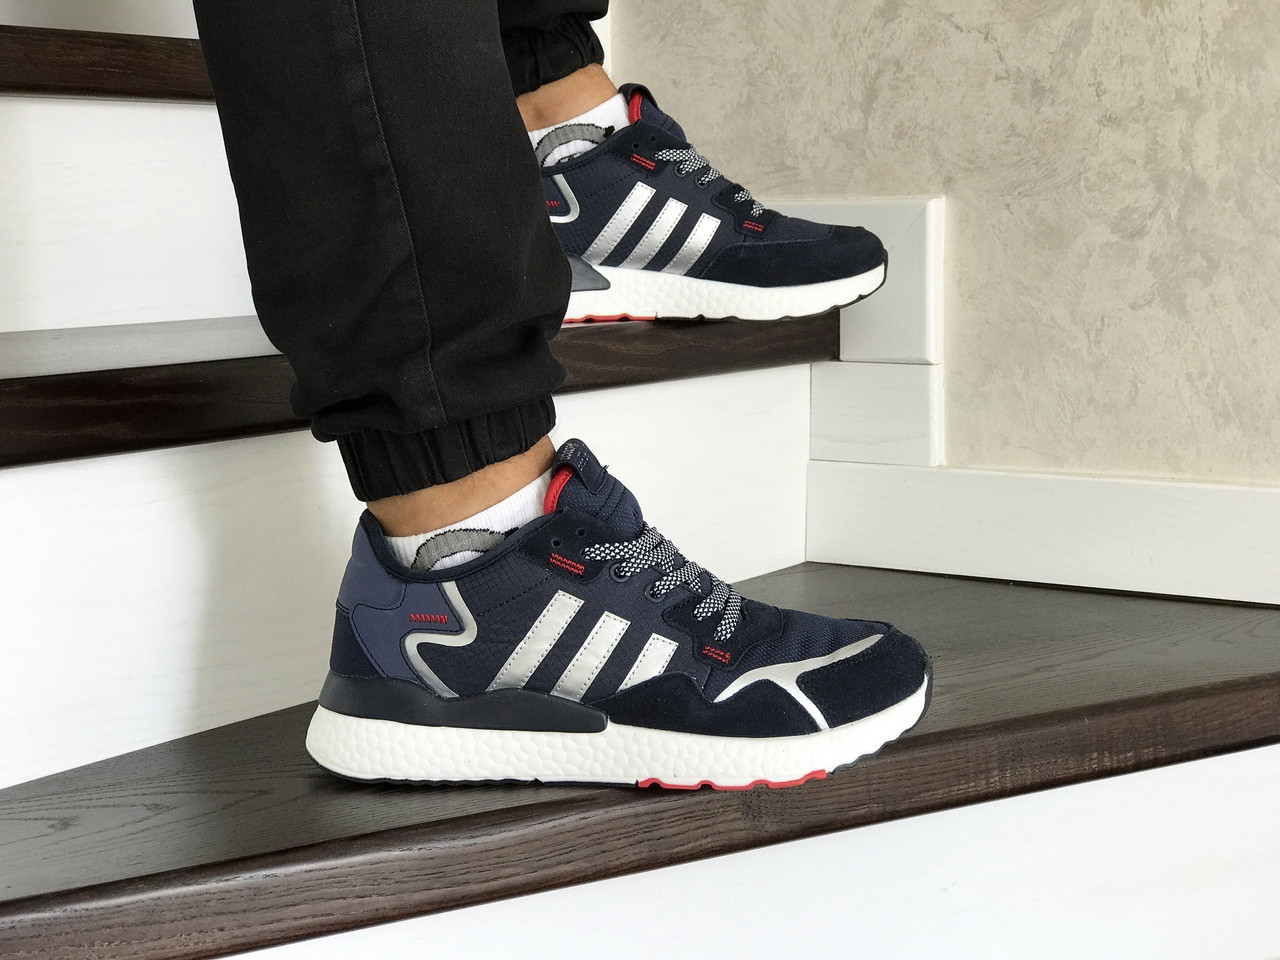 Мужские кроссовки Adidas Nite Jogger Boost,темно синие с белым